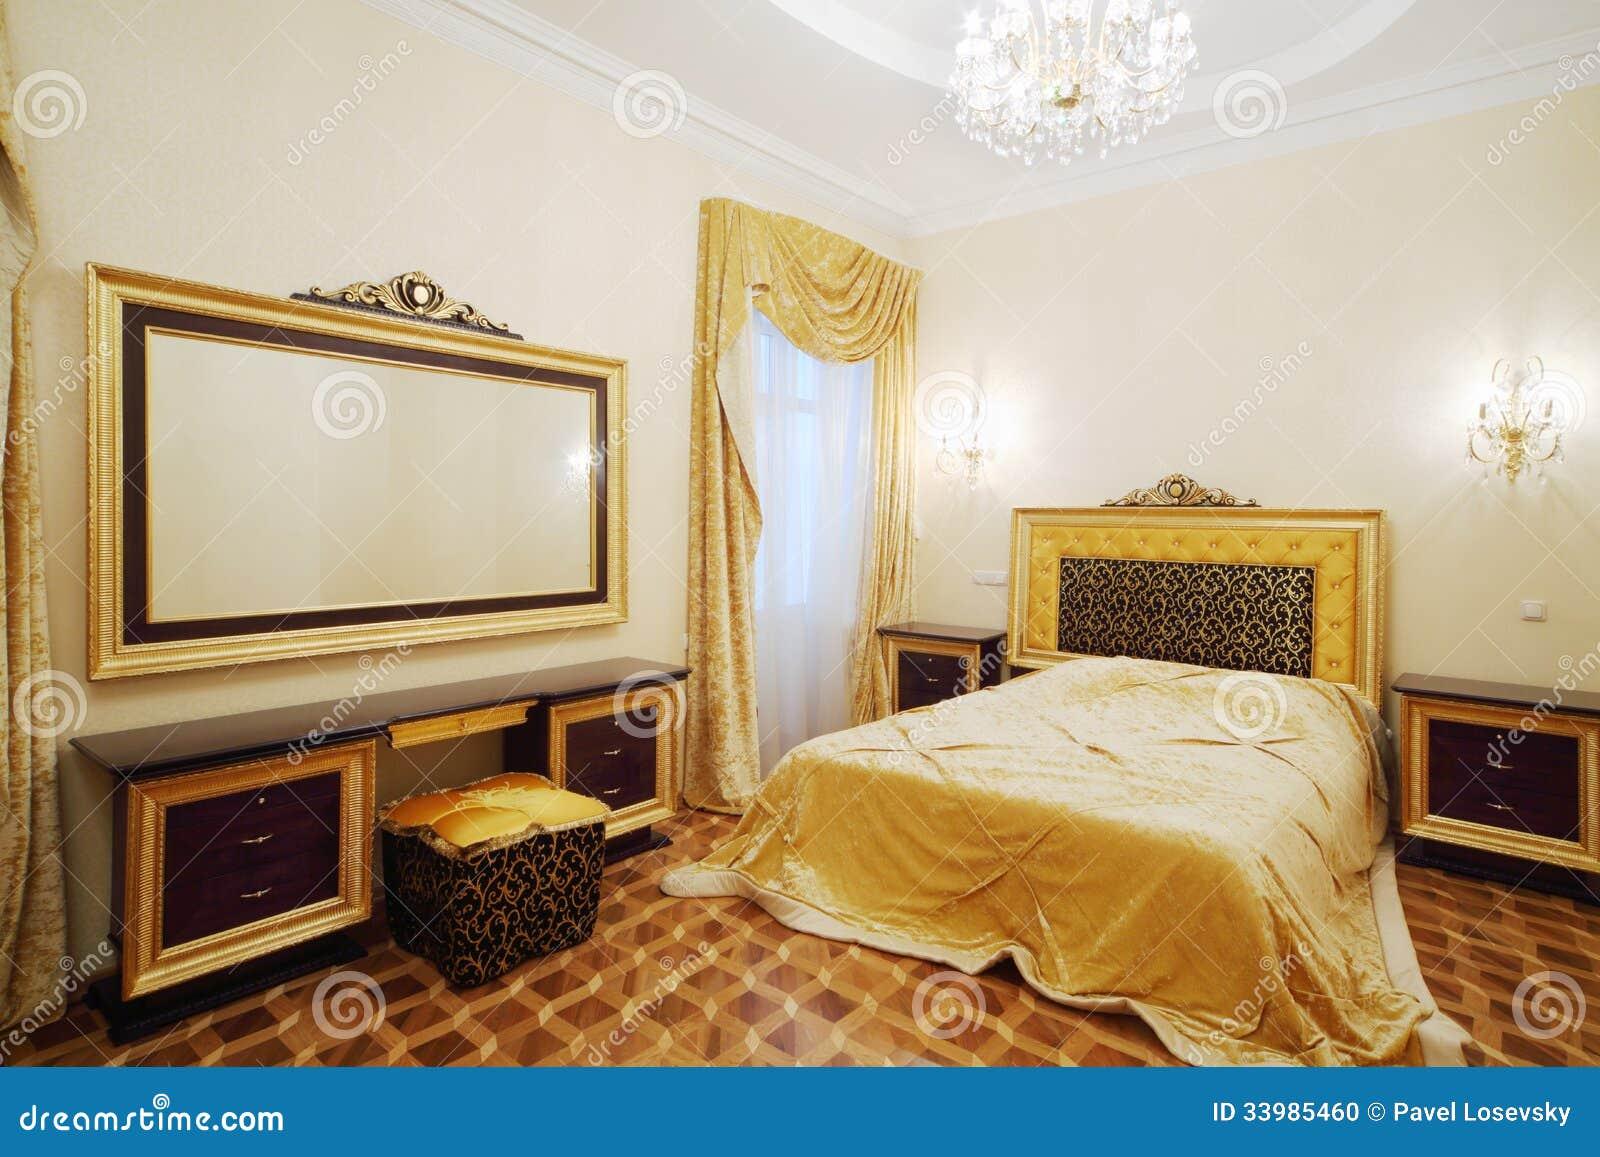 Quarto Com Cama Bonita Tabelas De Cabeceira E O Espelho Grande Foto De Stock Imagem De Gilt